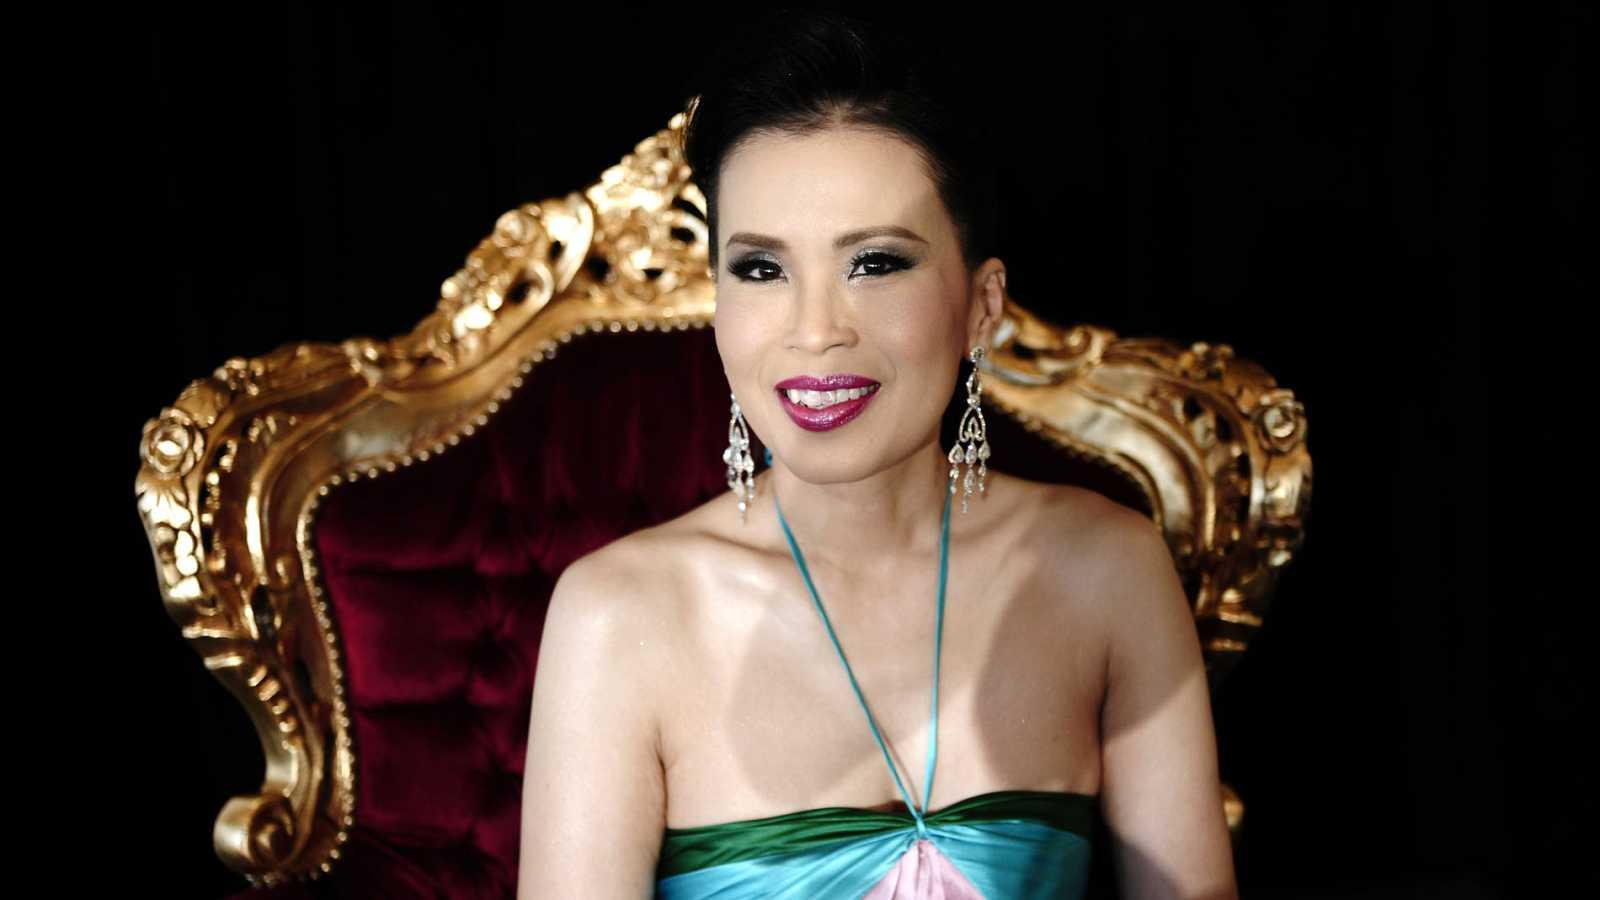 La princesa tailandesa se disculpa y se retira de la contienda electoral por orden del rey